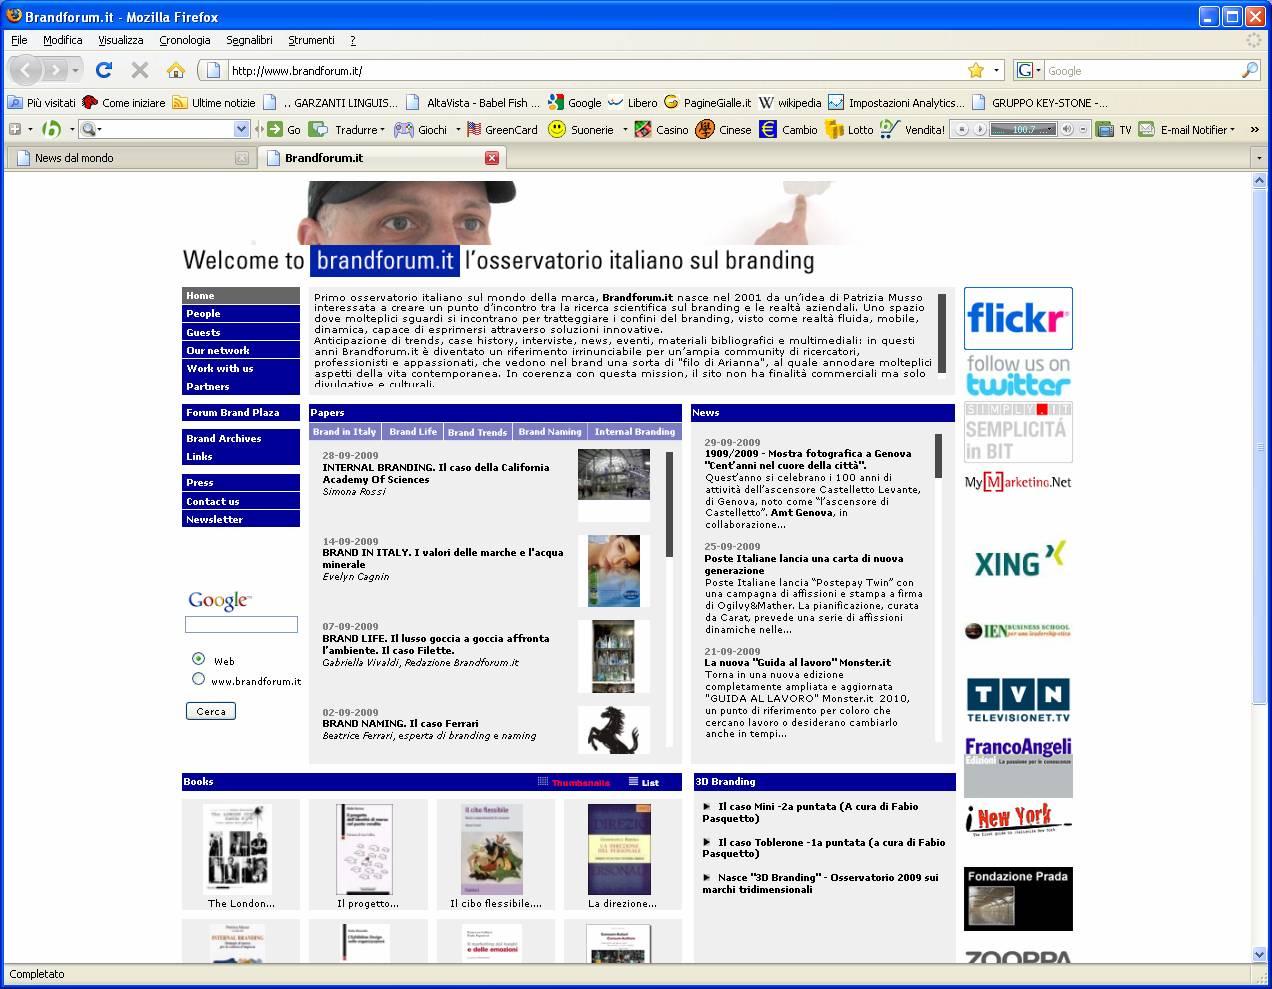 L'home page di Brandforum